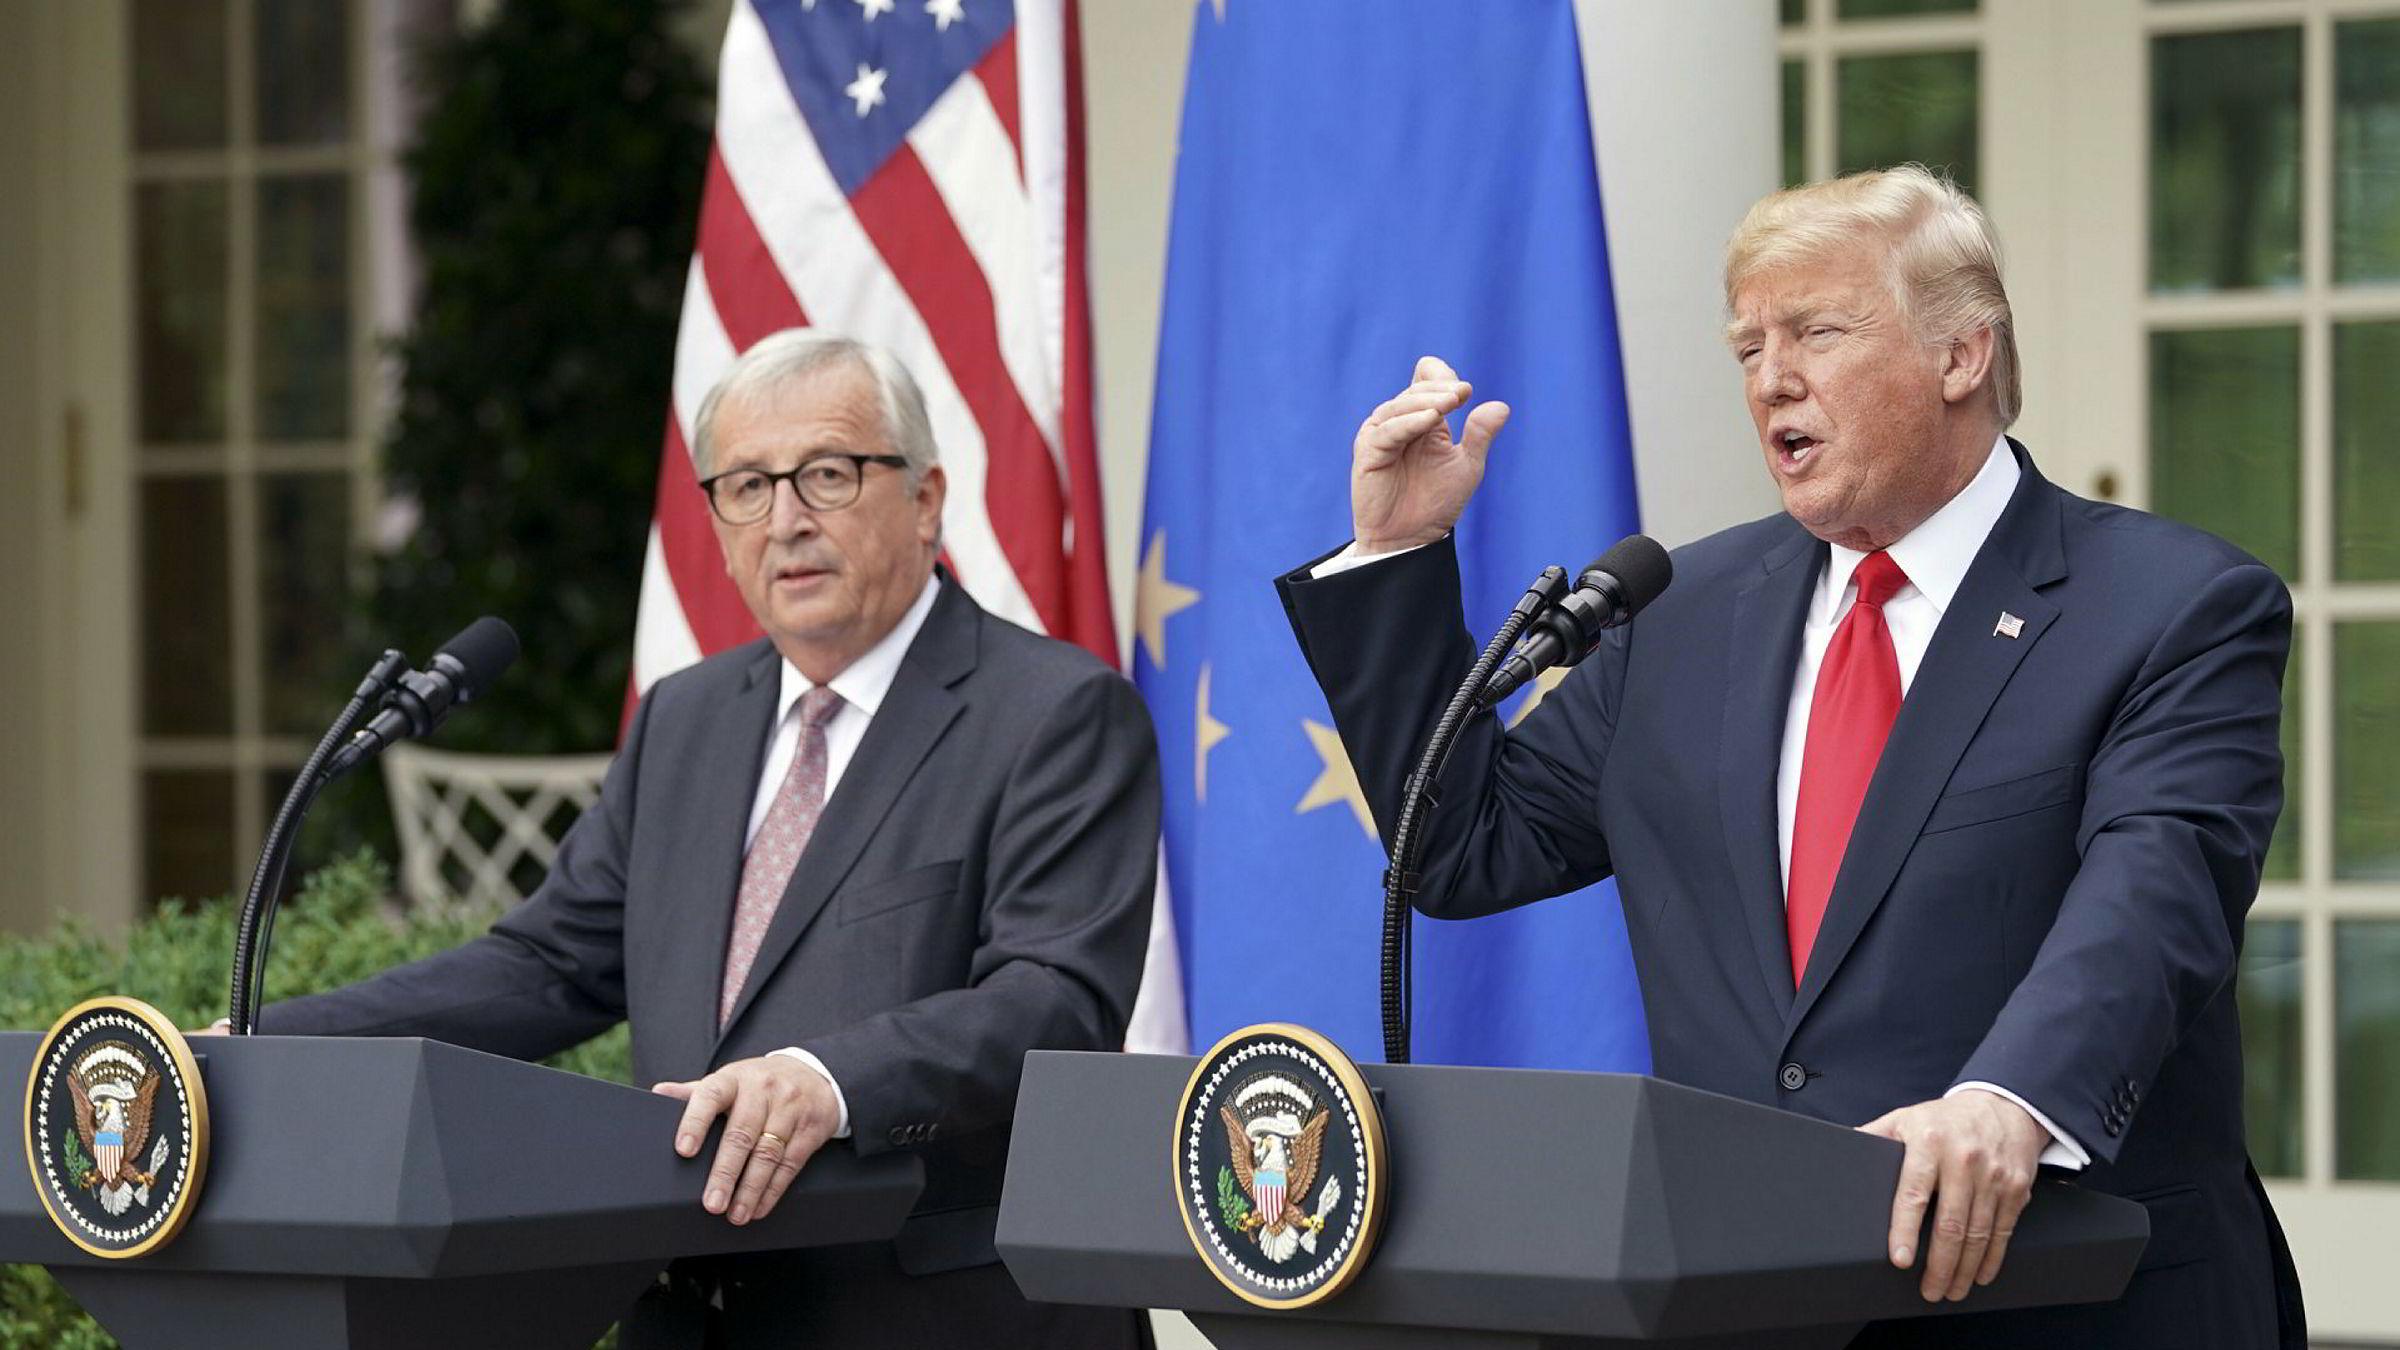 USAs president Donald Trump og Europakommisjonens sjef Jean-Claude Juncker hasteinnkalte til pressekonferanse utenfor Det hvite hus onsdag kveld norsk tid. Der presenterte de en overraskende handelsenighet.